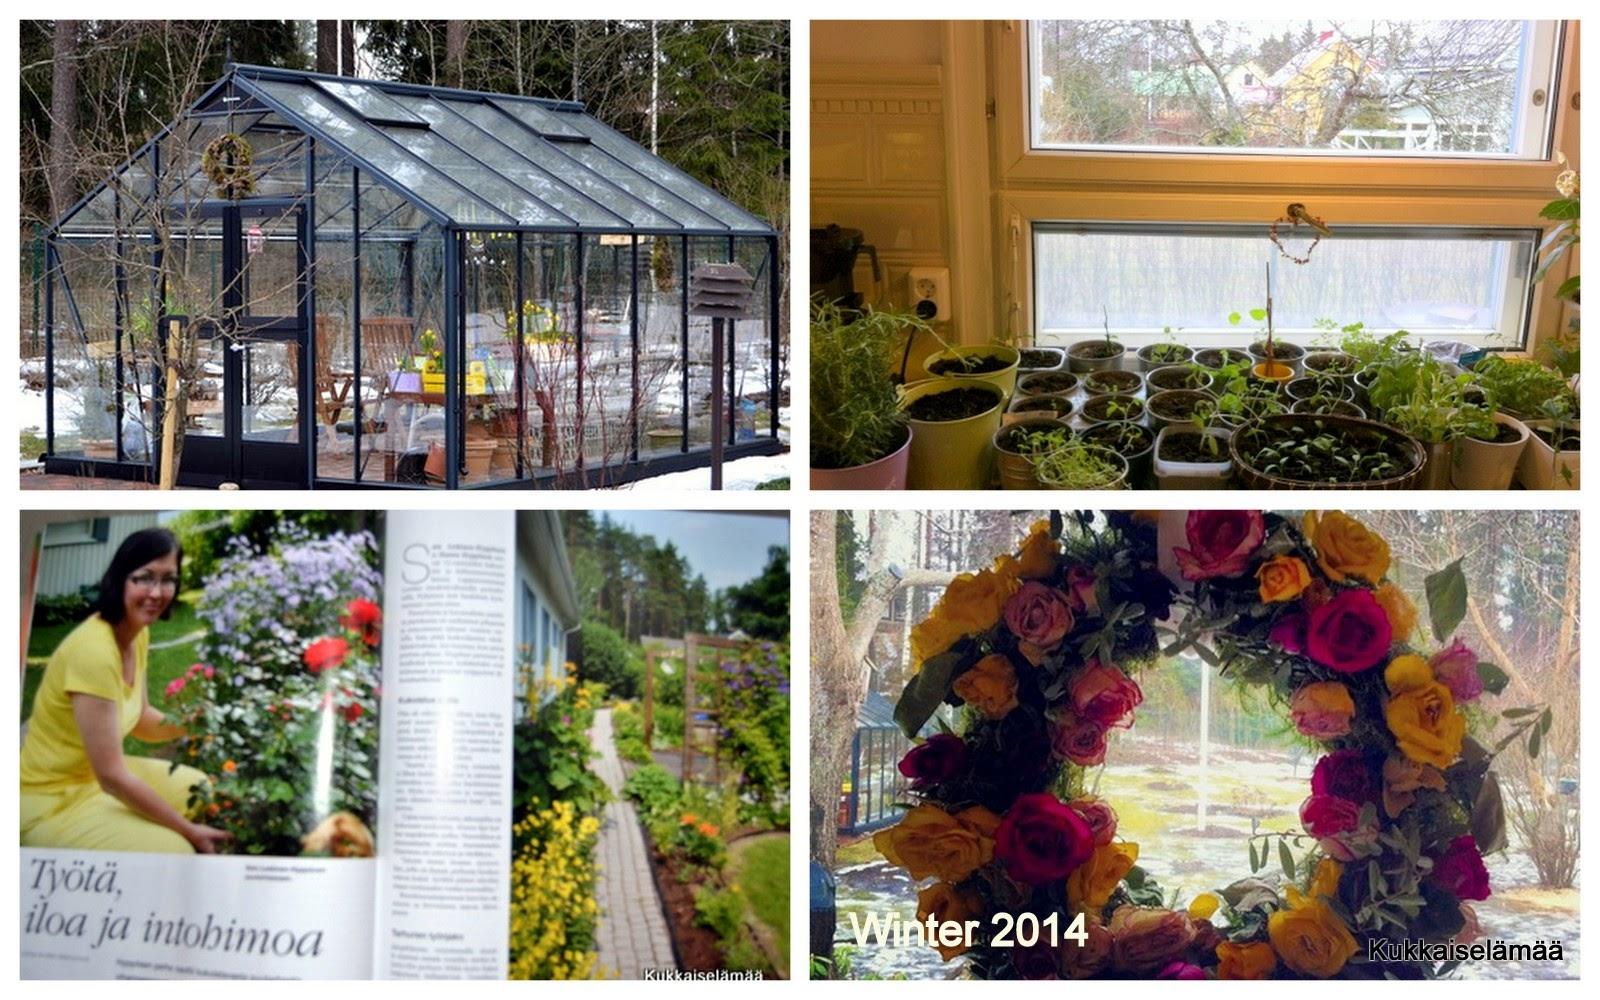 Puutarhan vuosi 2014 – Gardening year 2014